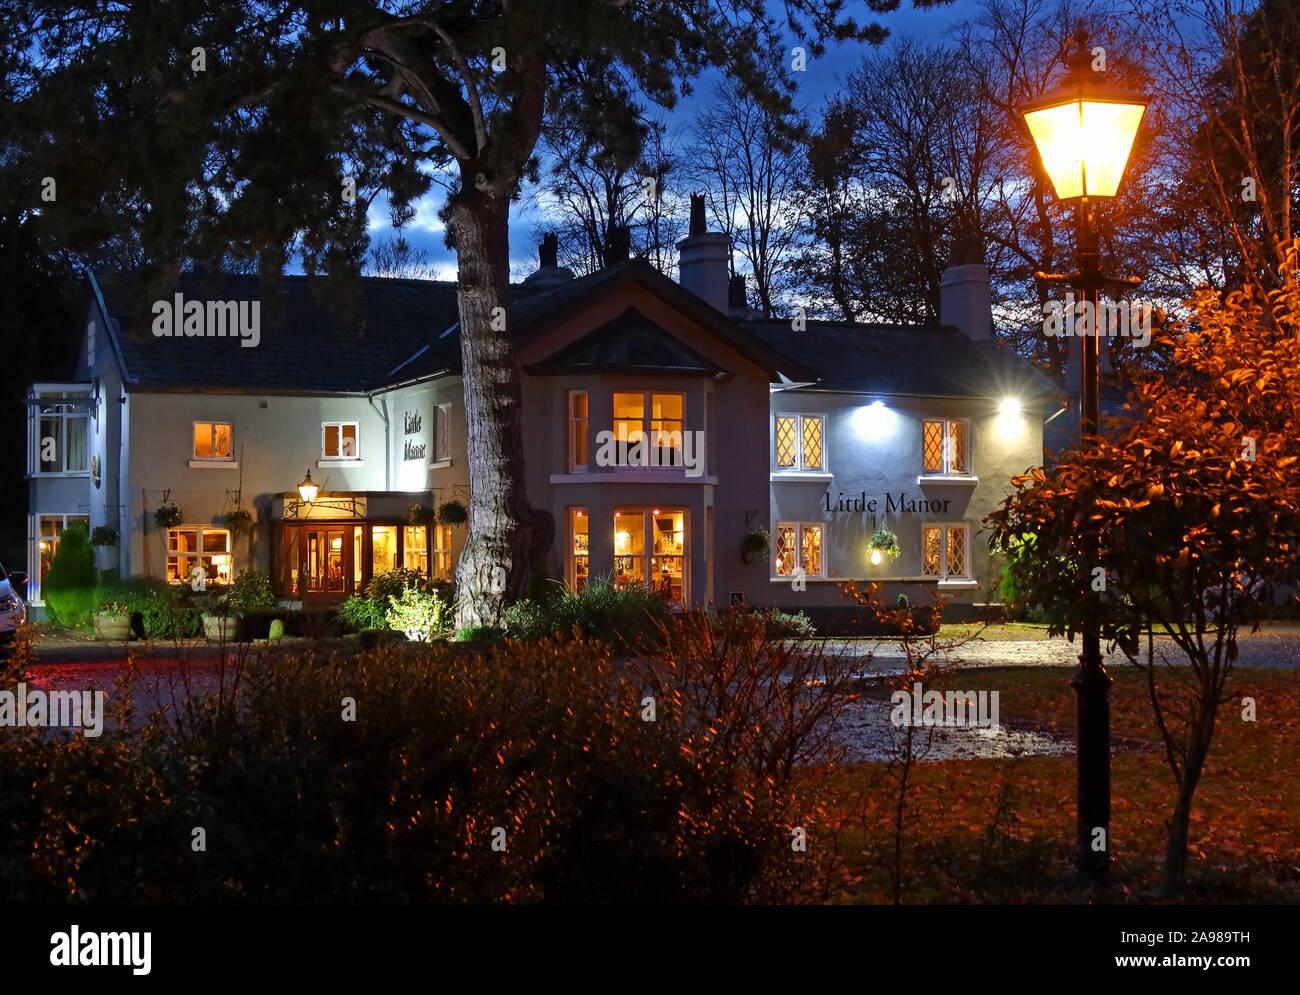 Dieses Stockfoto: Die kleine Manor, ein Pub in der Nacht, Bell Lane, Thelwall, Warrington, Cheshire, North West England - Brunning und Preis - WA4 2SX - 2A989T